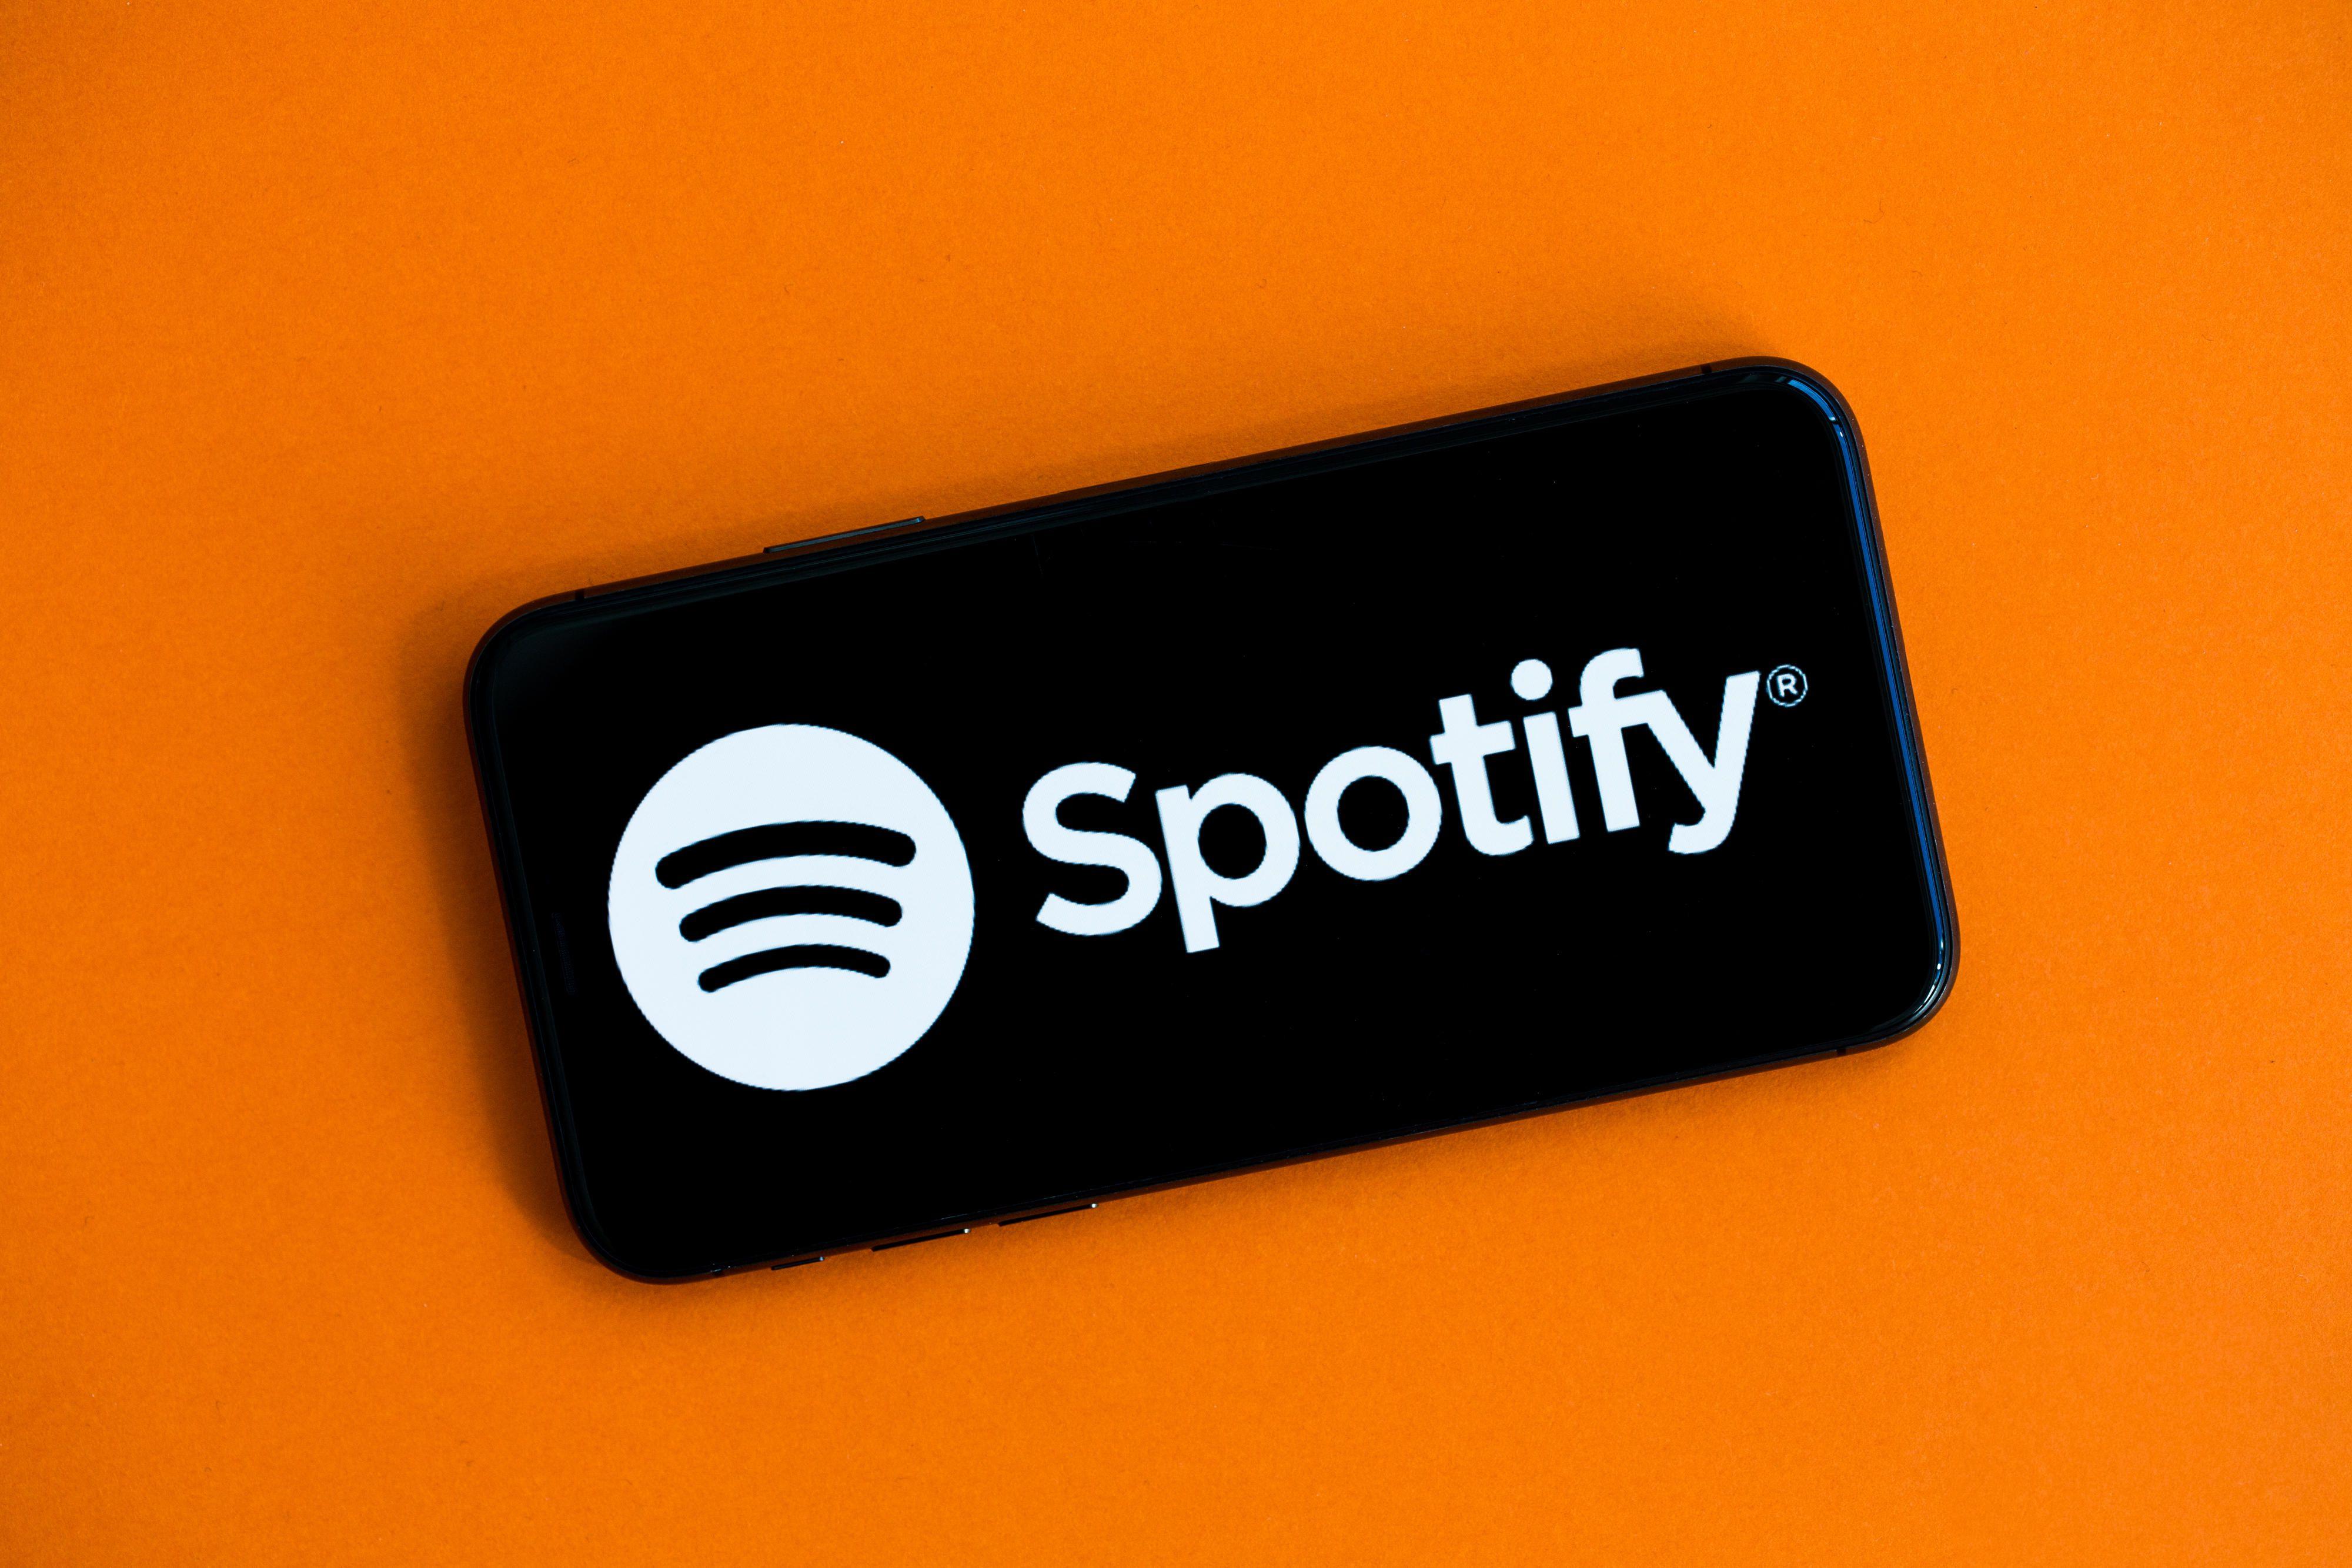 spotify-logo-2